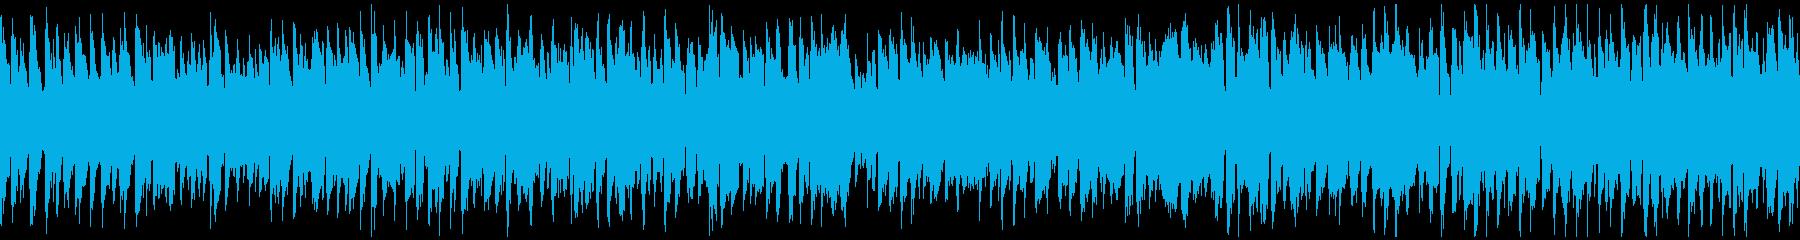 お出かけ、超元気なリコーダー ※ループ版の再生済みの波形